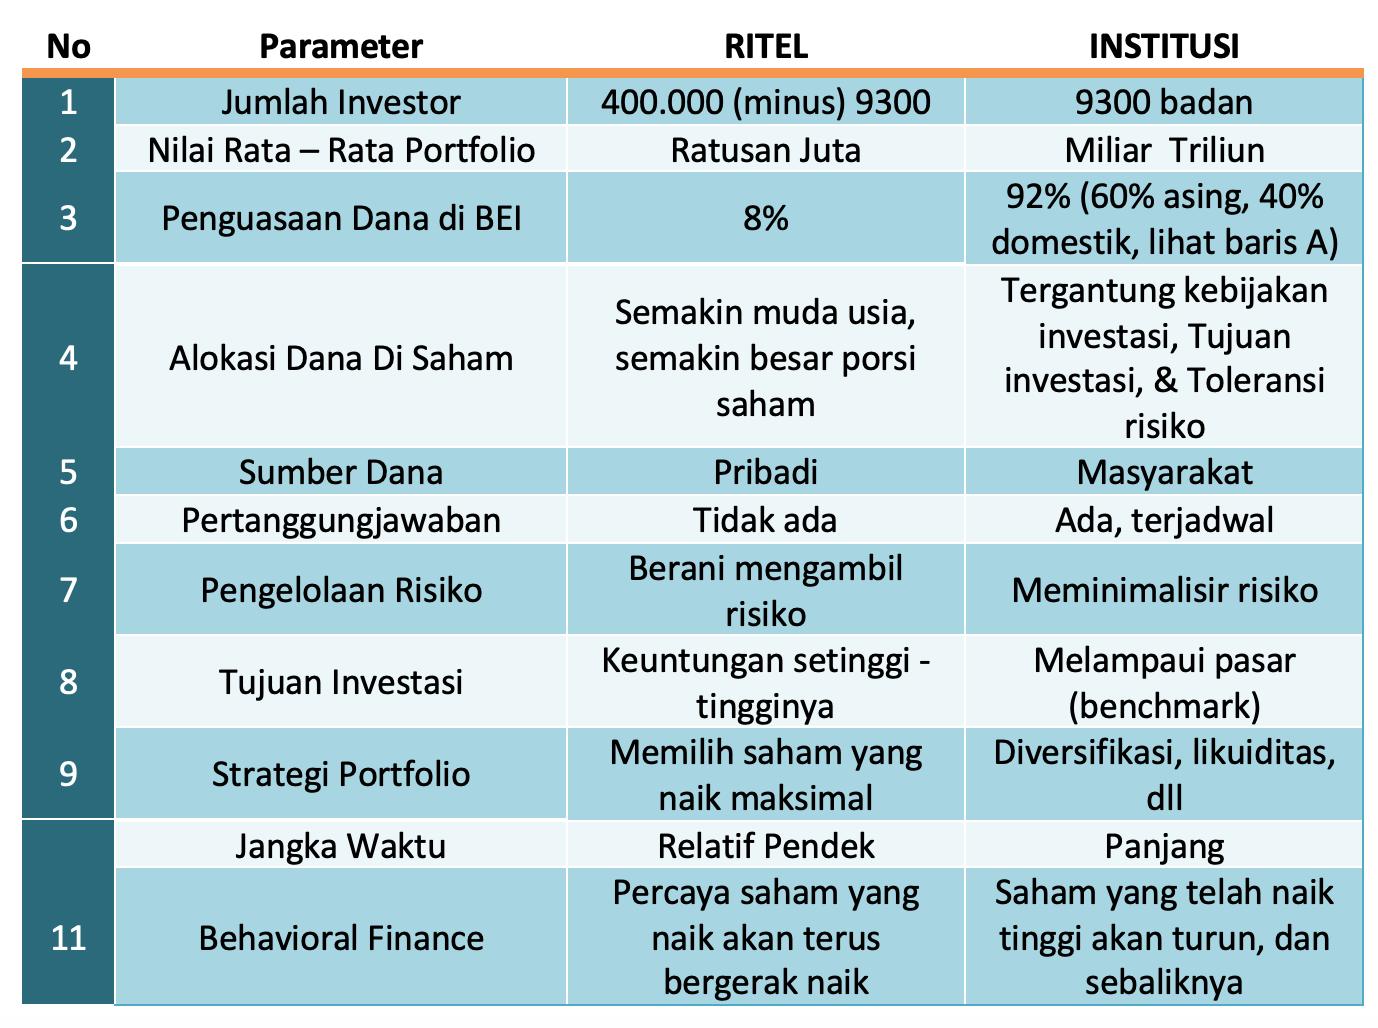 Investor ritel versus institusi